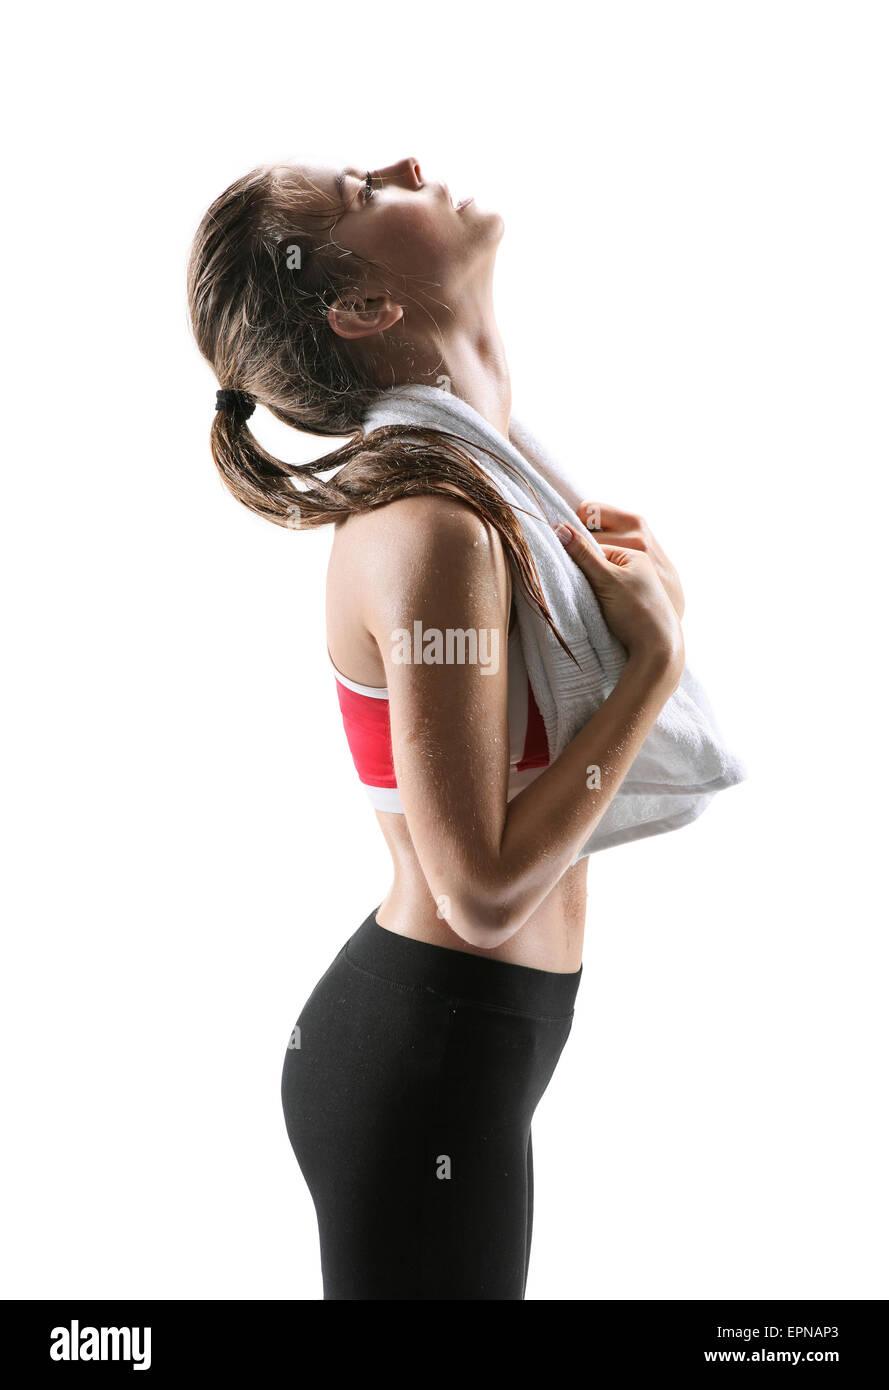 Femme Fitness transpiration. Beau sport girl avec serviette fatigué, épuisé et en sueur après Photo Stock